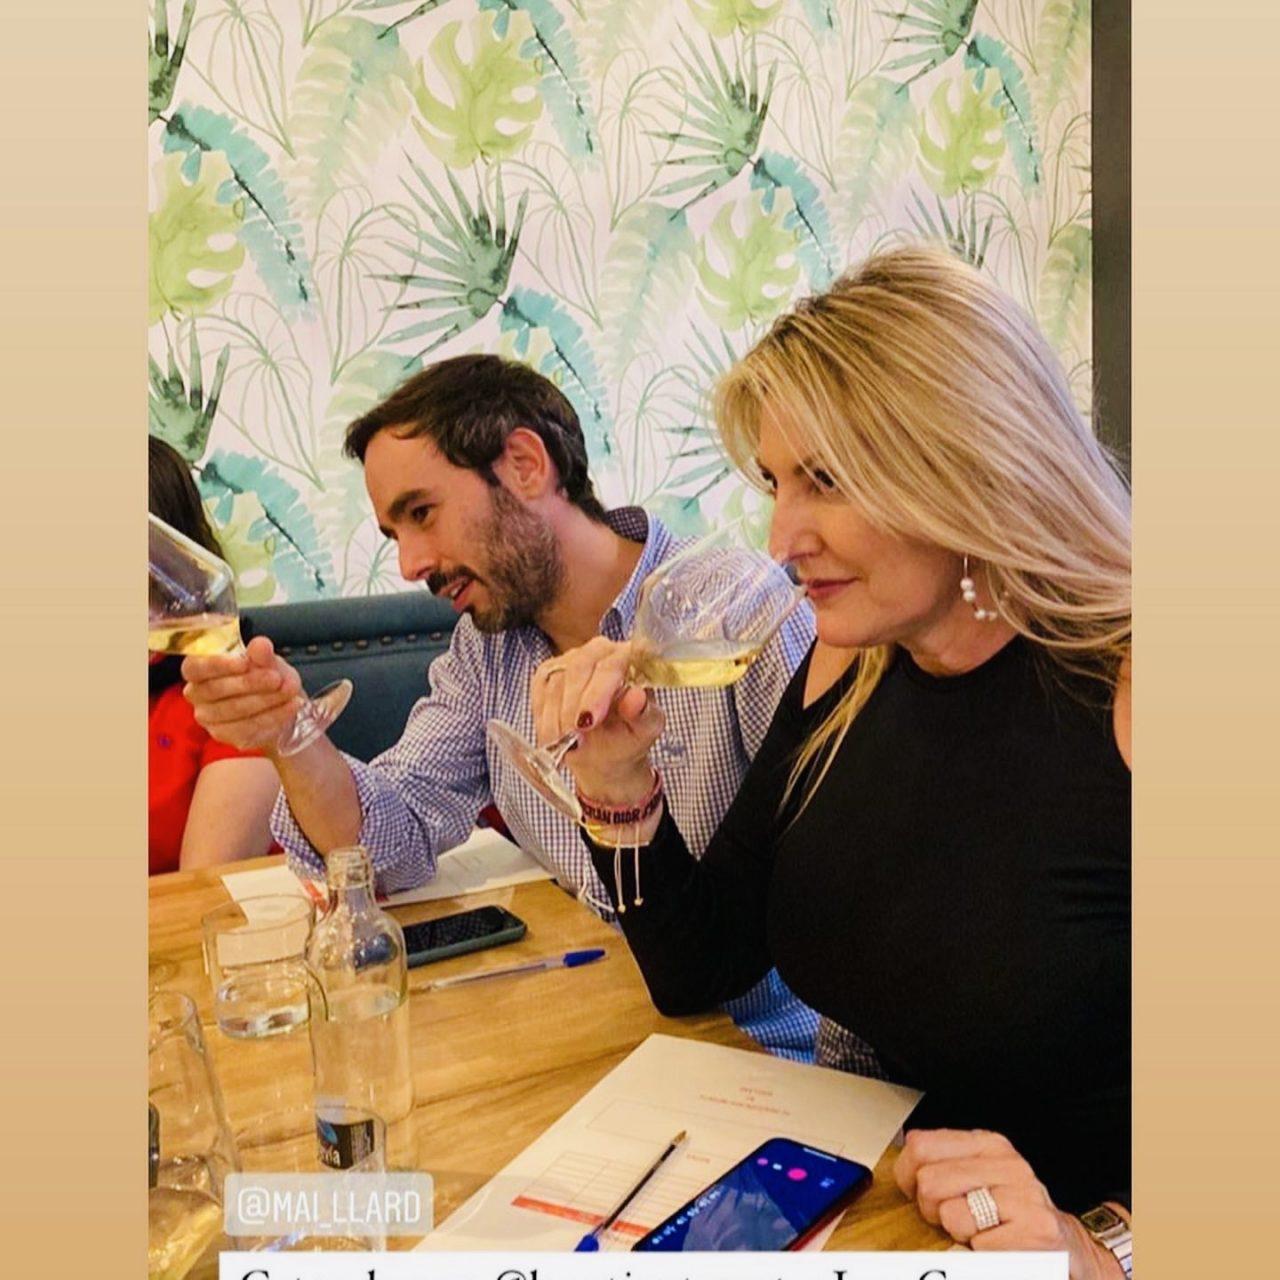 Vicente López, chef de La Patineta, ejerció como anfitrión y como invitado de esta cata excepcional ofrecida por la distribuidora de productos gourmet Maillard.